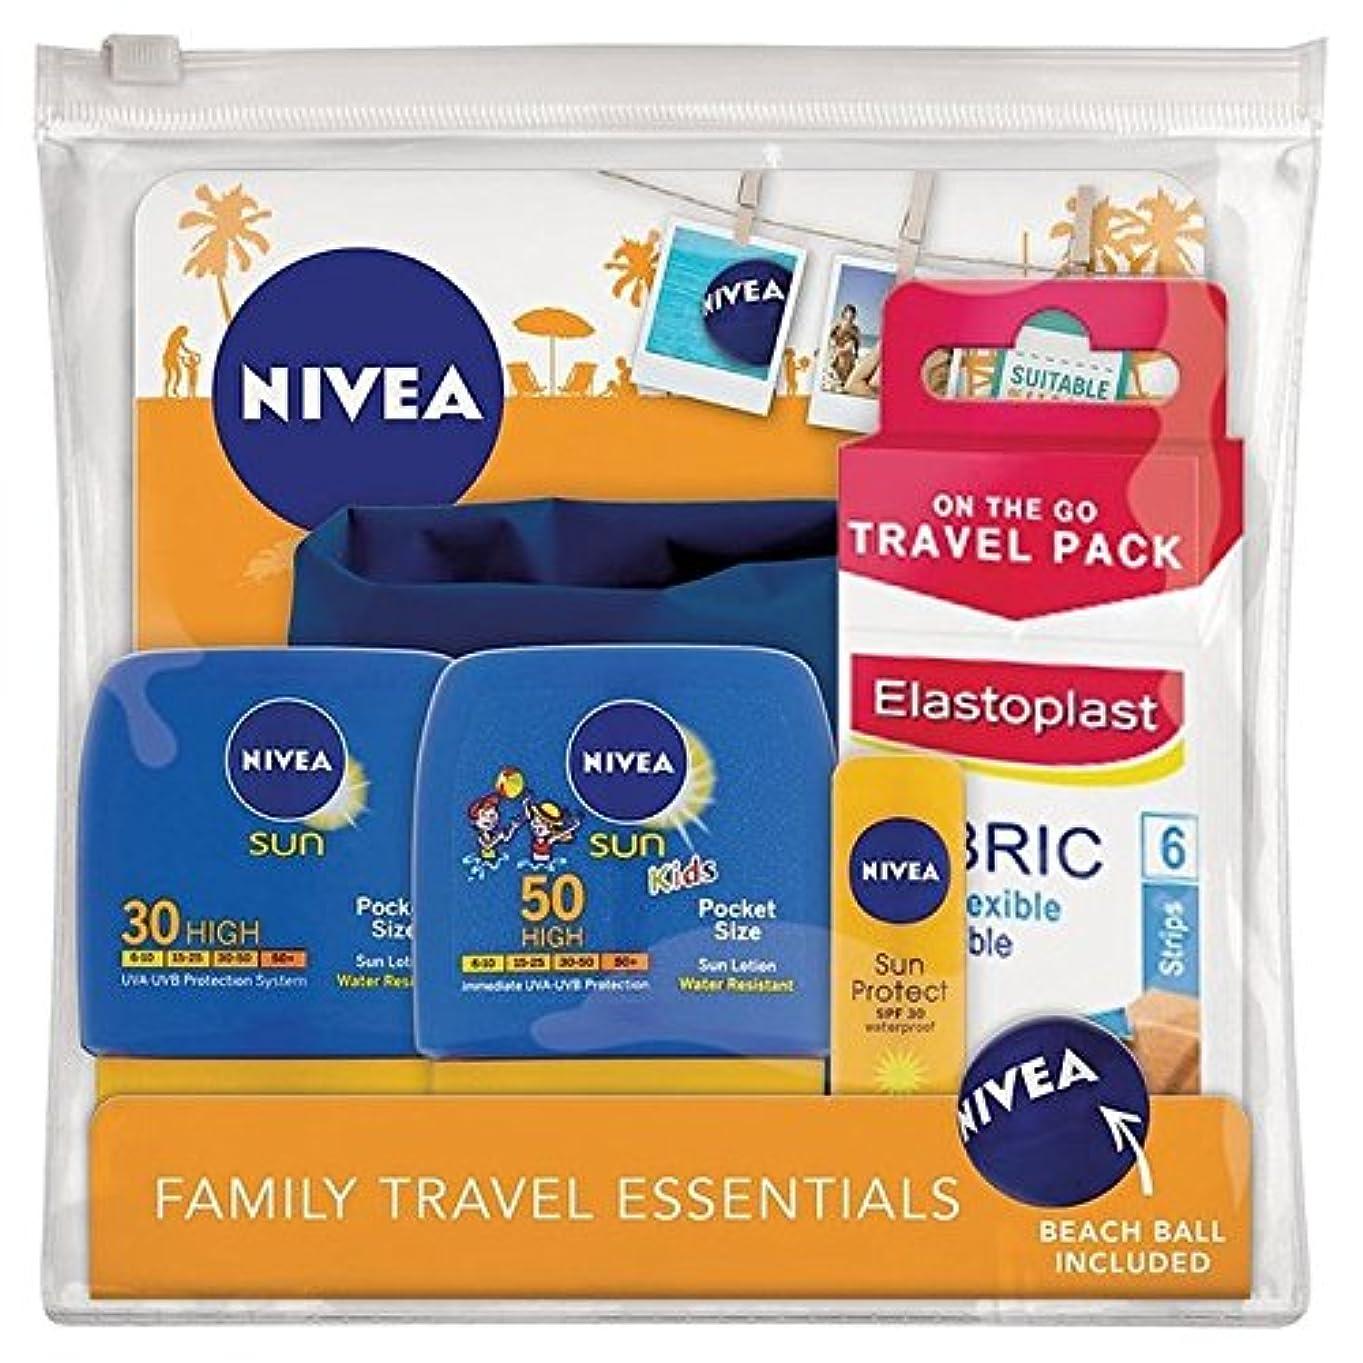 バイオレット鋸歯状ドームニベア日旅行パック x4 - Nivea Sun Travel Pack (Pack of 4) [並行輸入品]